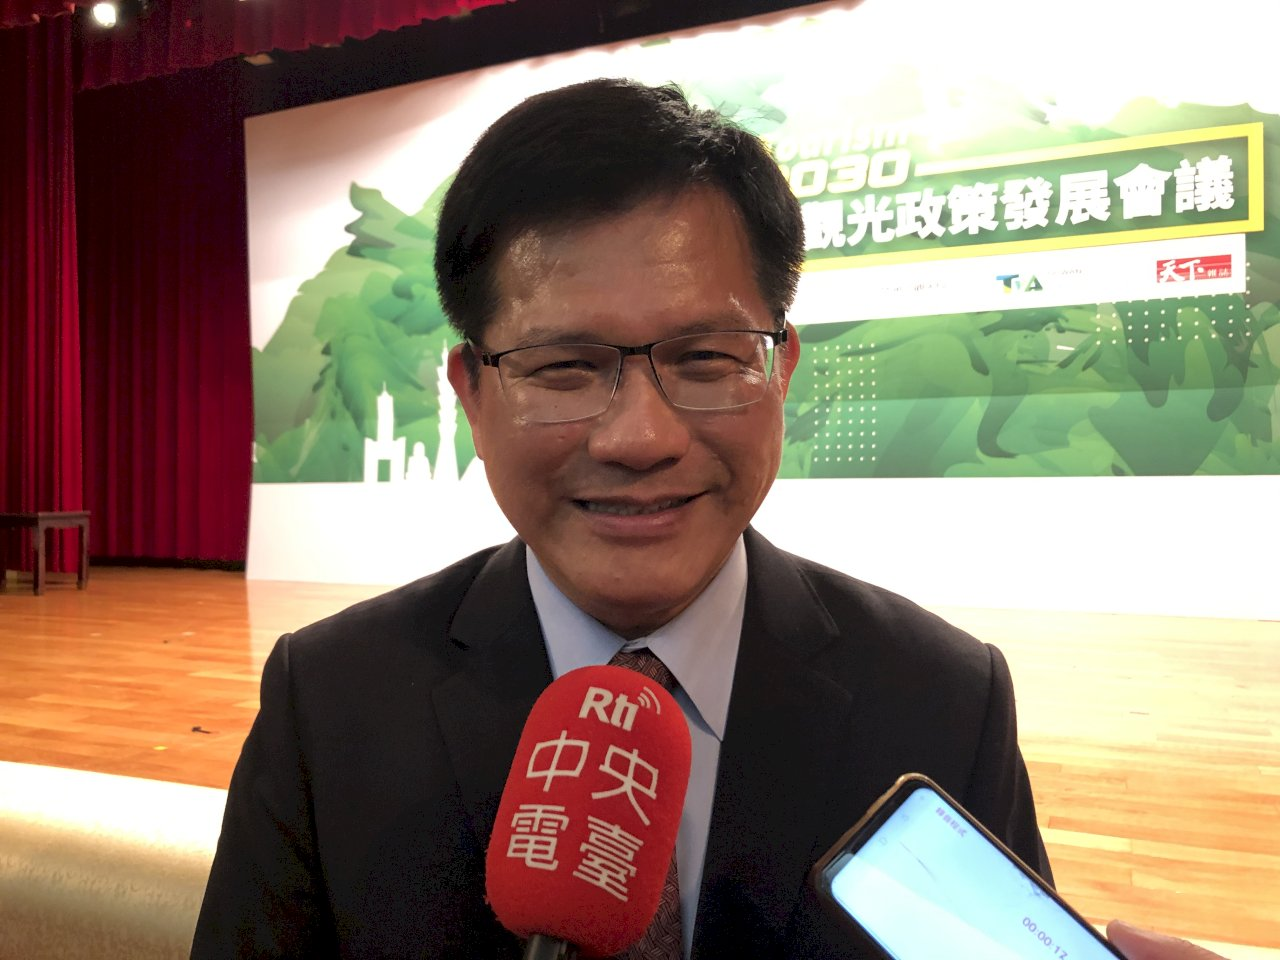 2030台灣觀光政策白皮書 交通部力拼改制為交通觀光部